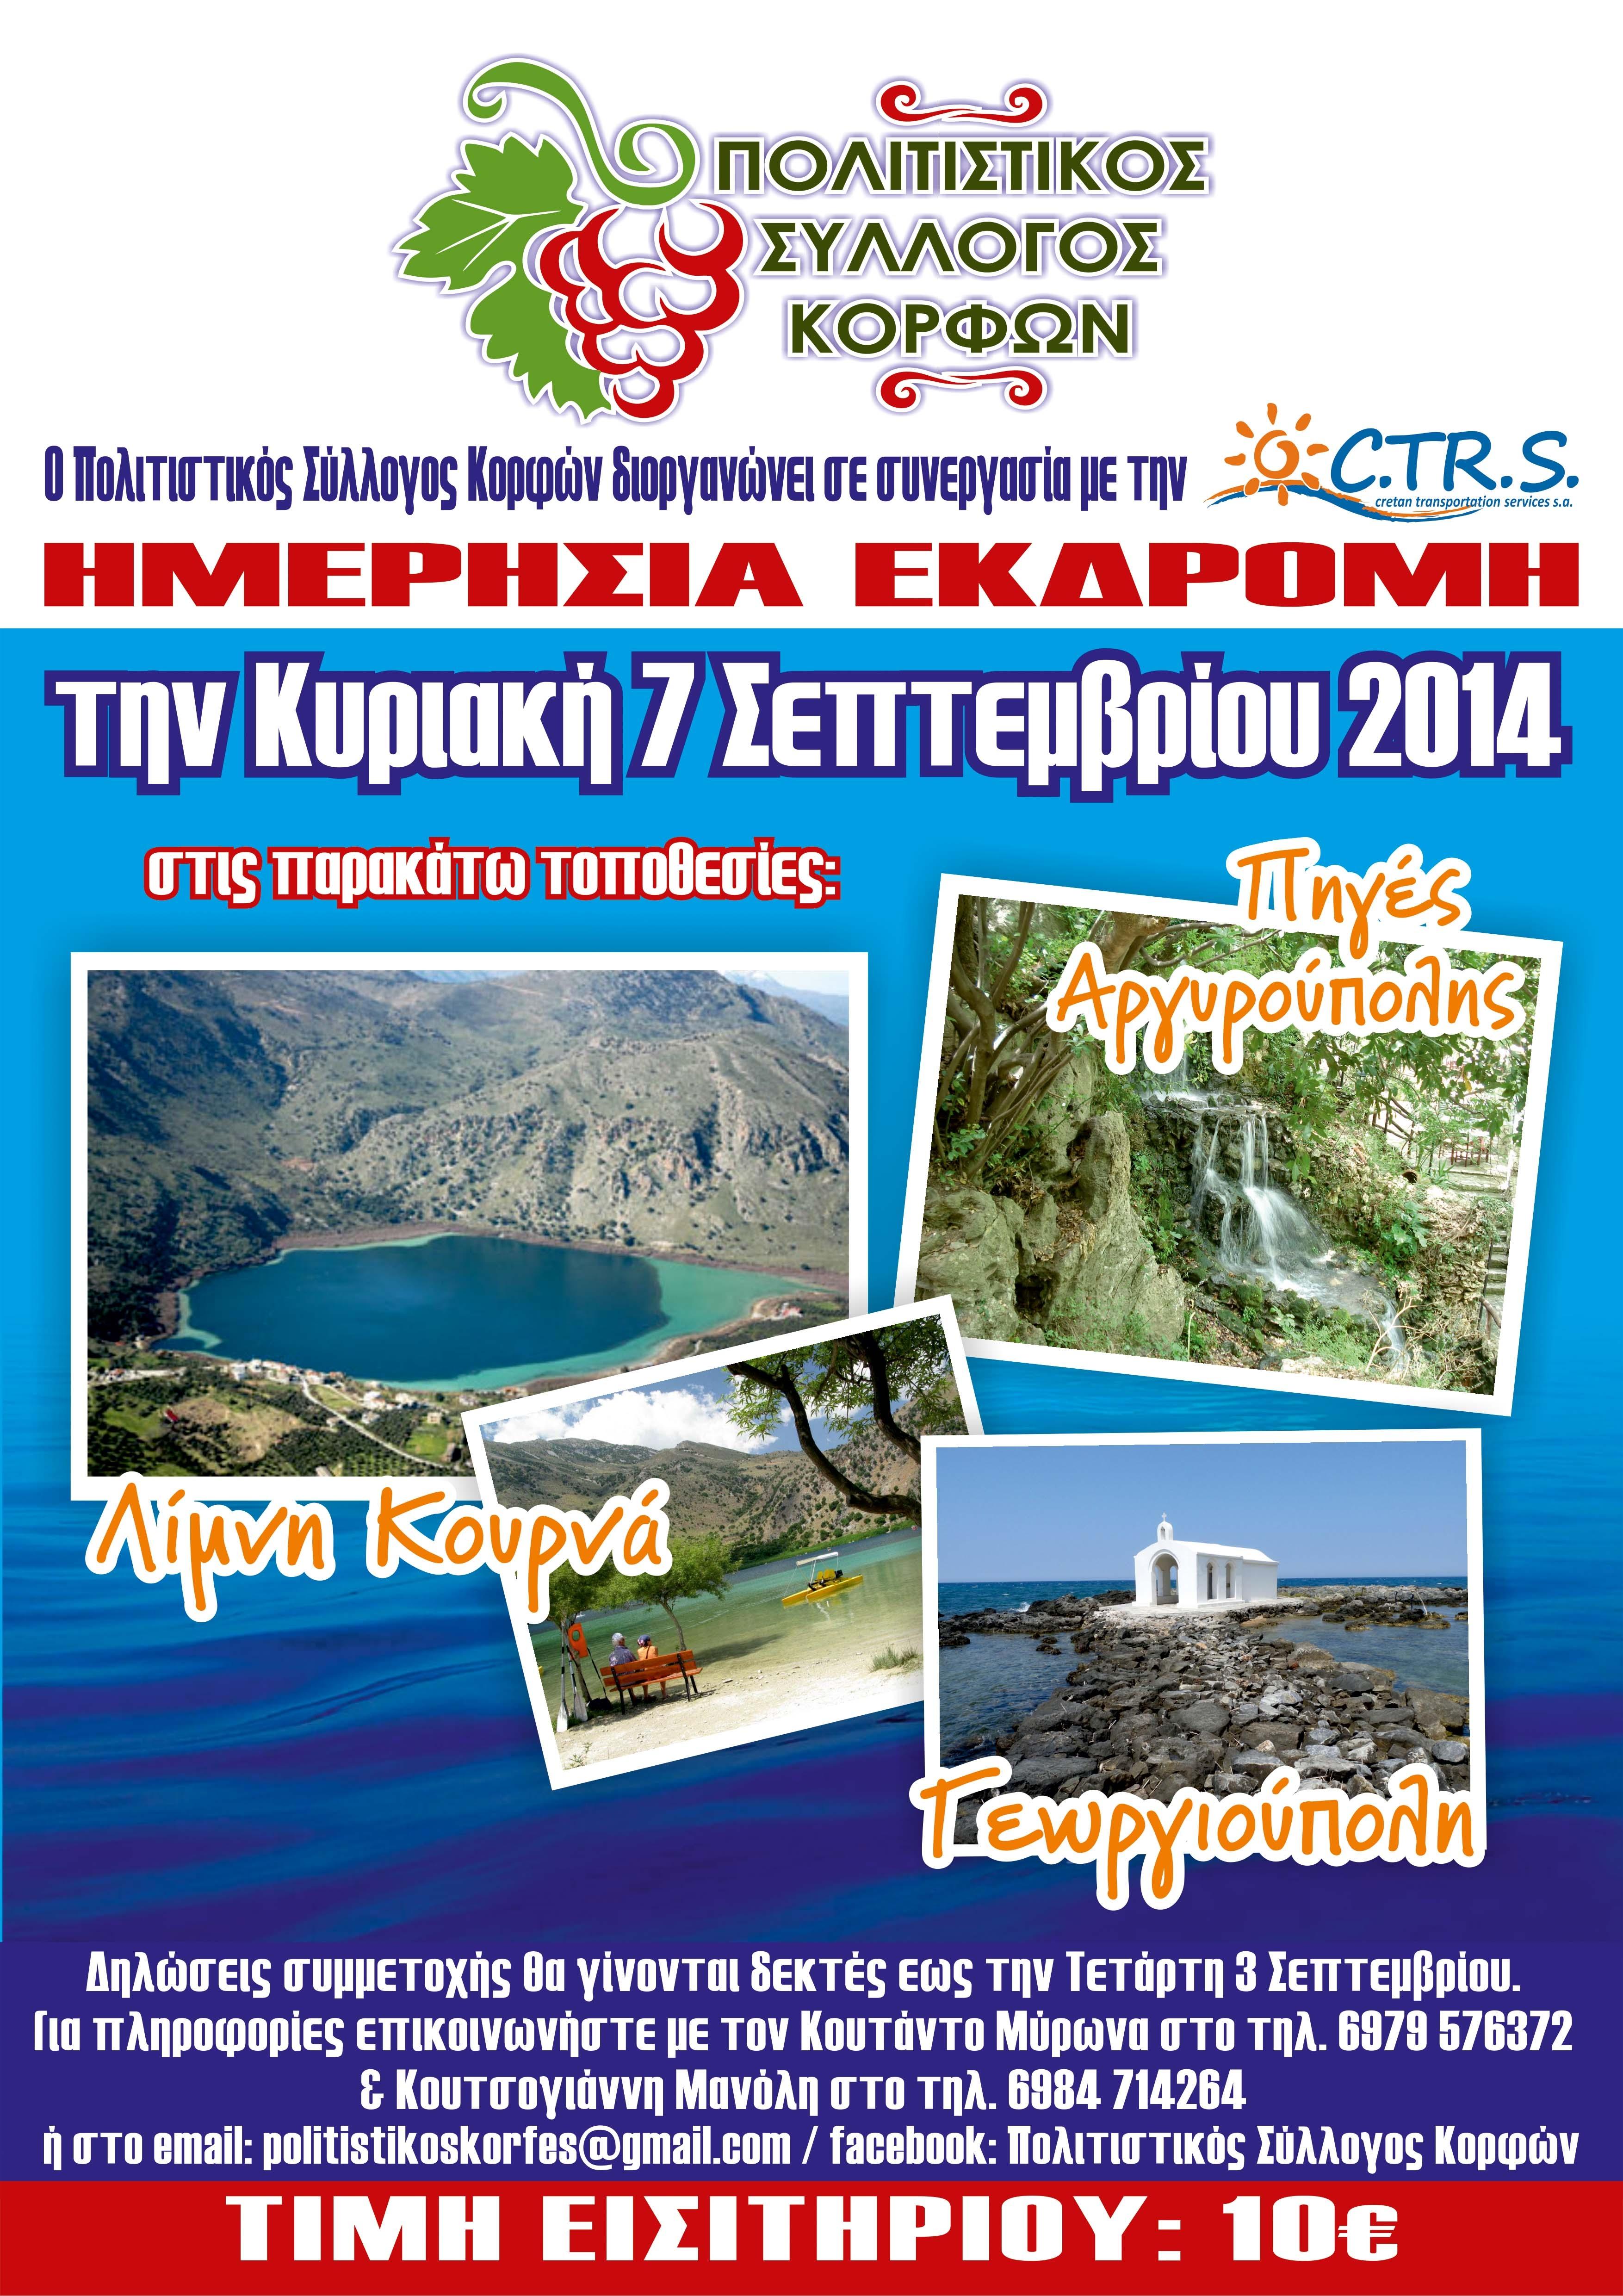 Π.Σ Κορφών: Ημερήσια Εκδρομή 7-9-2014